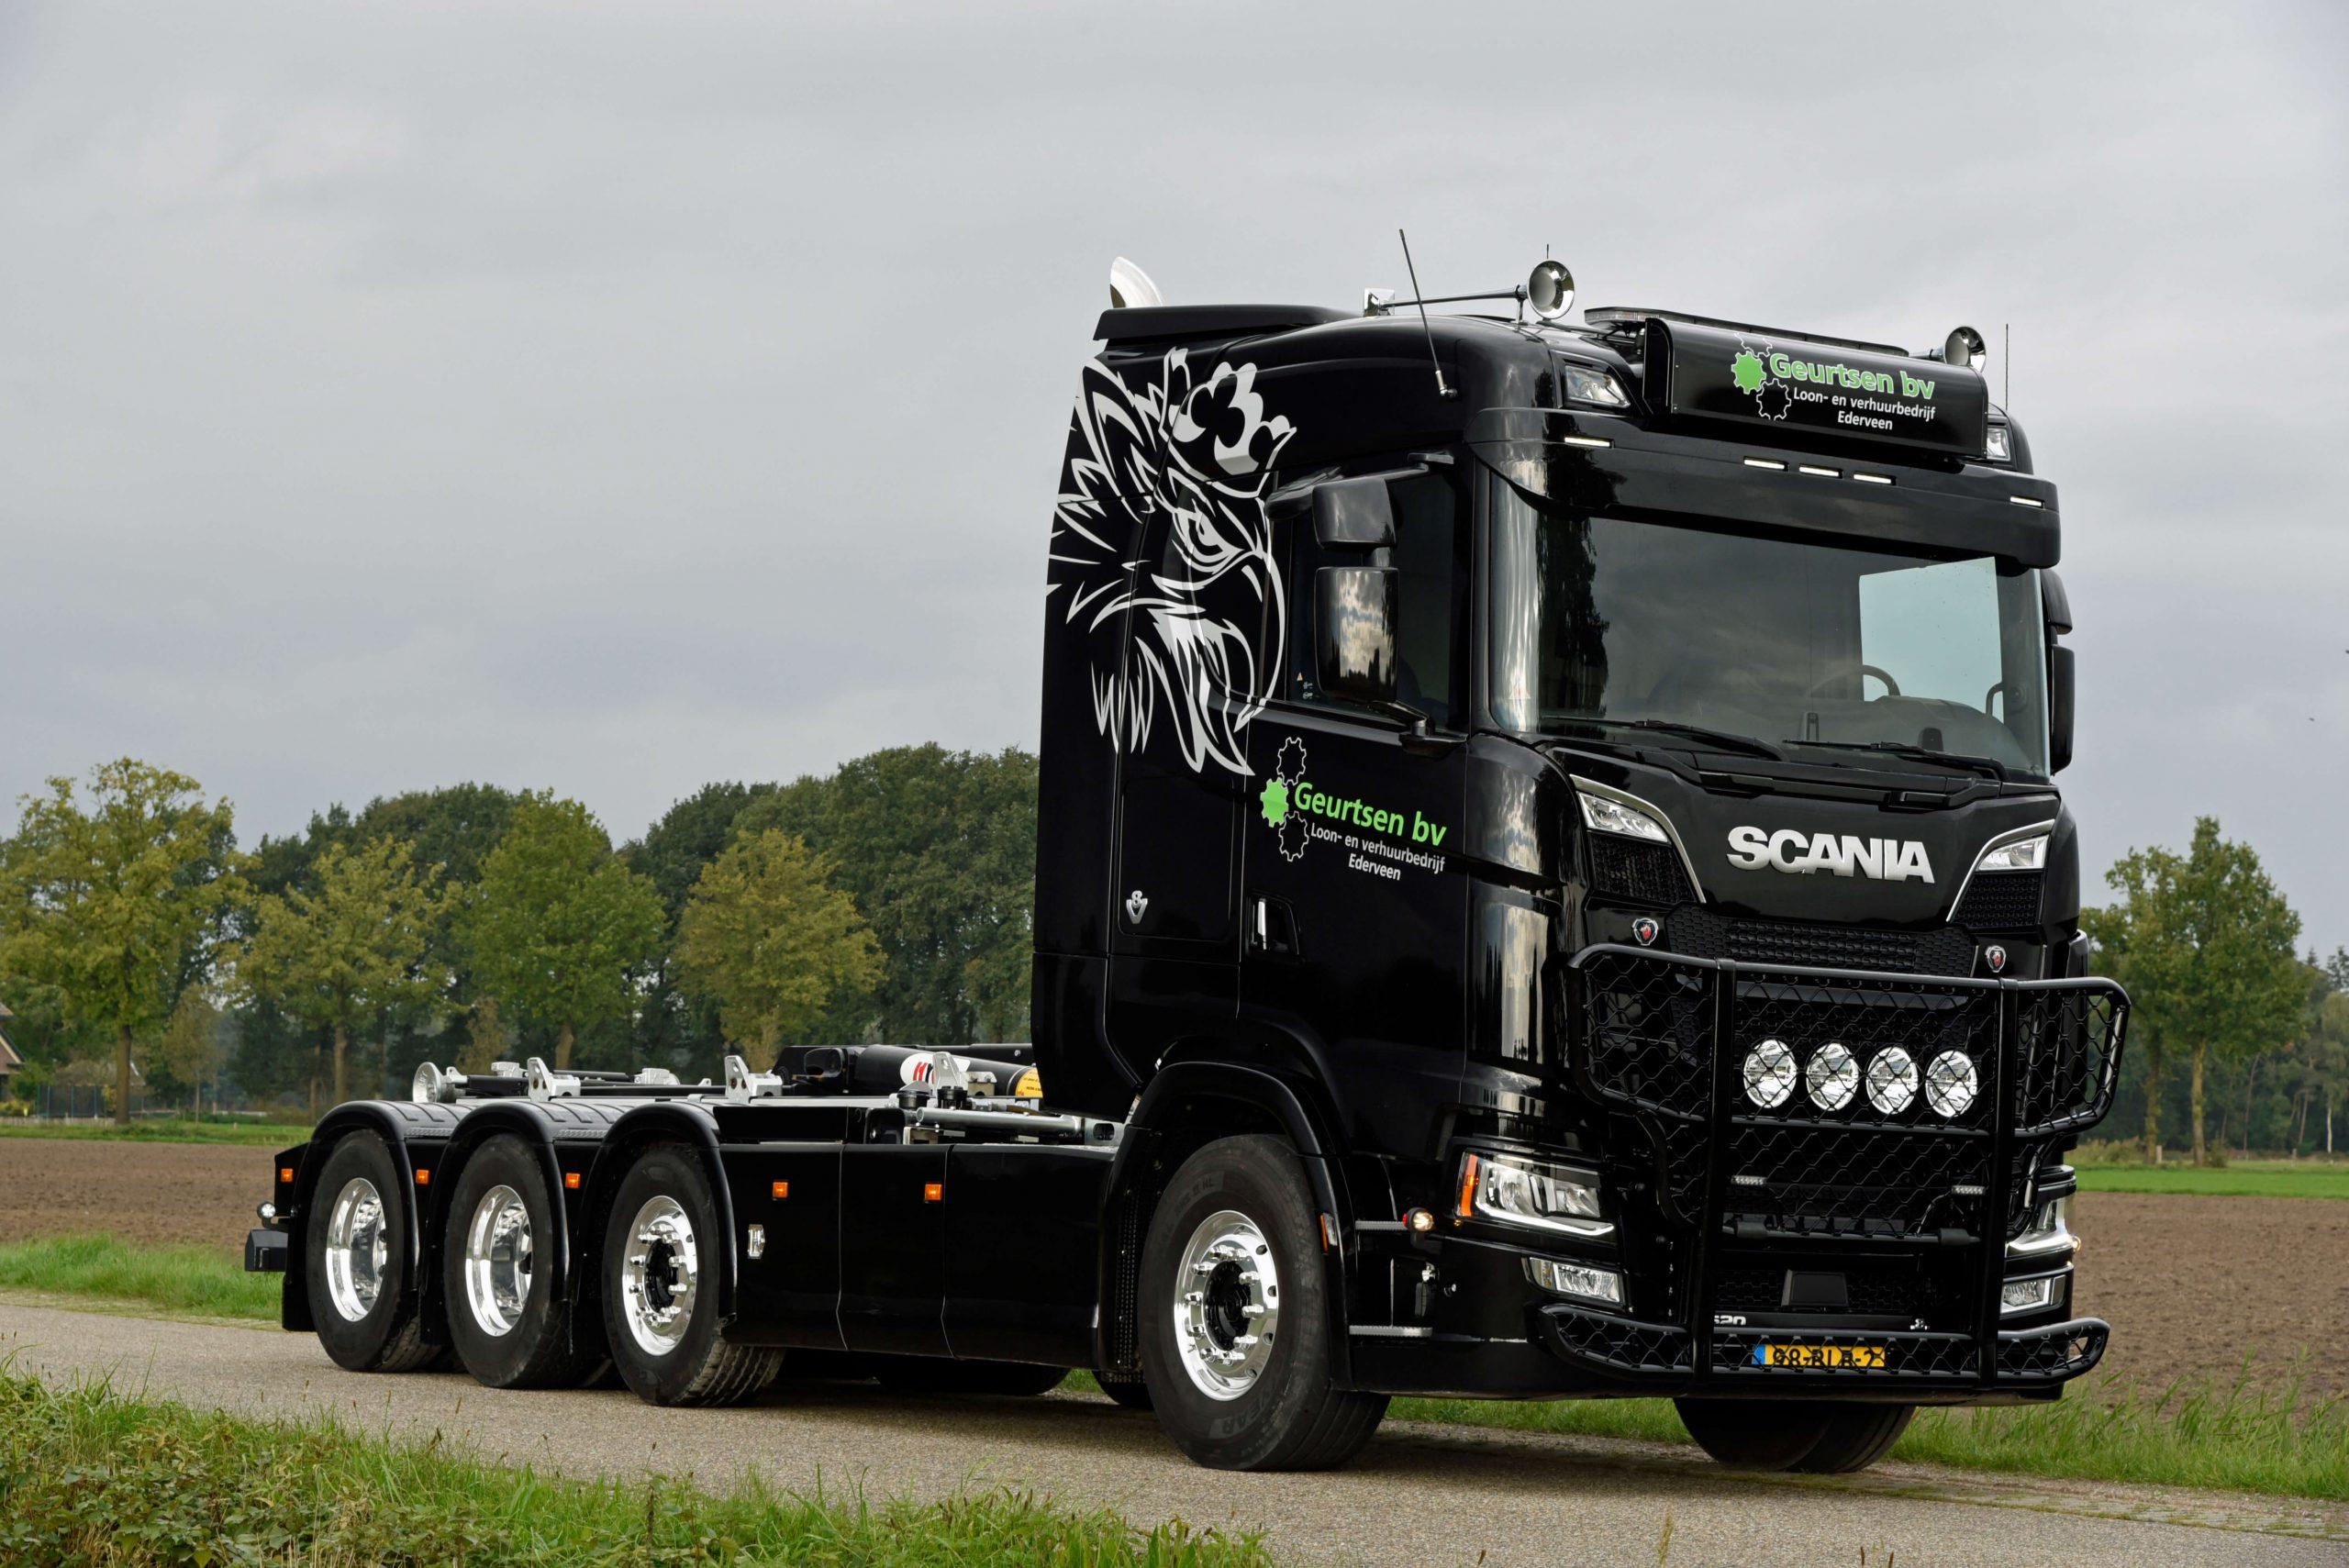 Bestickering nieuwe vrachtwagens Geurtsen B.V.